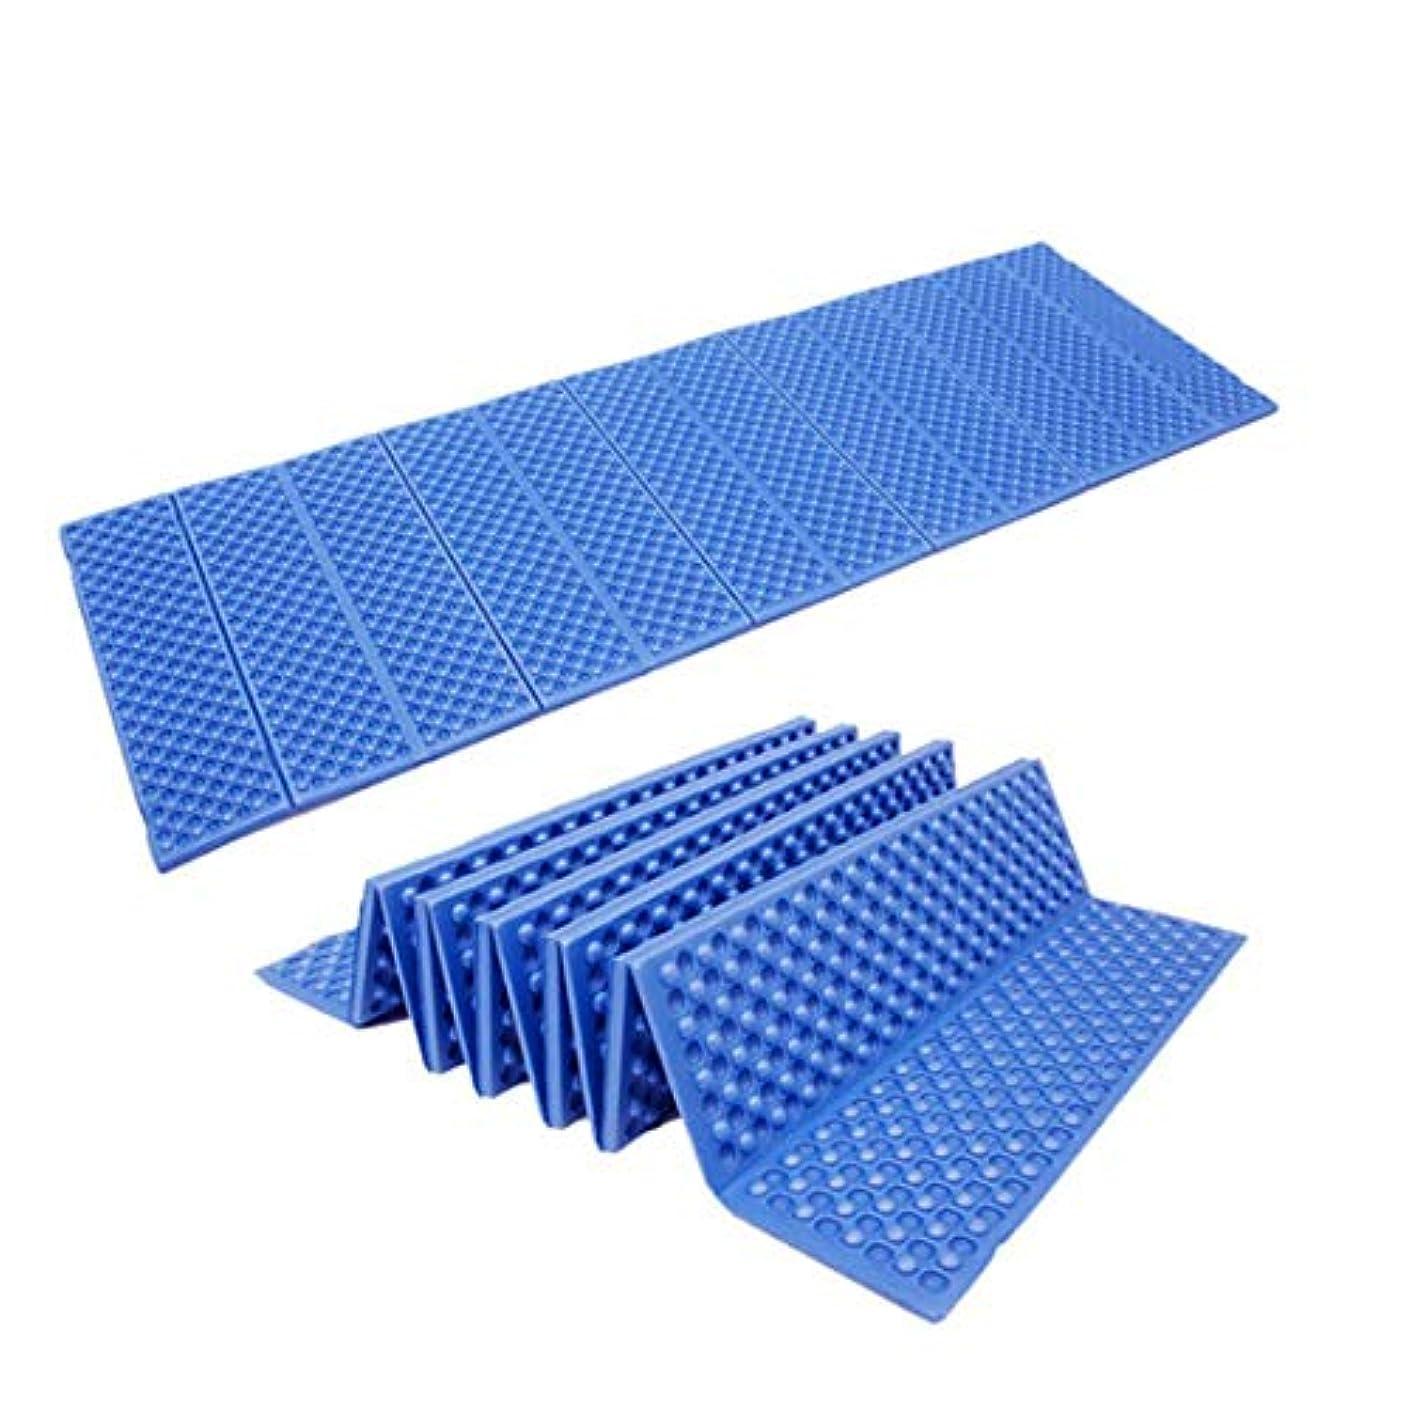 ミントニンニクカポックノウ建材貿易 自動インフレータブルクッションは厚くなったマットピクニックショーキャンプ寝床ダブルエアベッド (色 : 青)